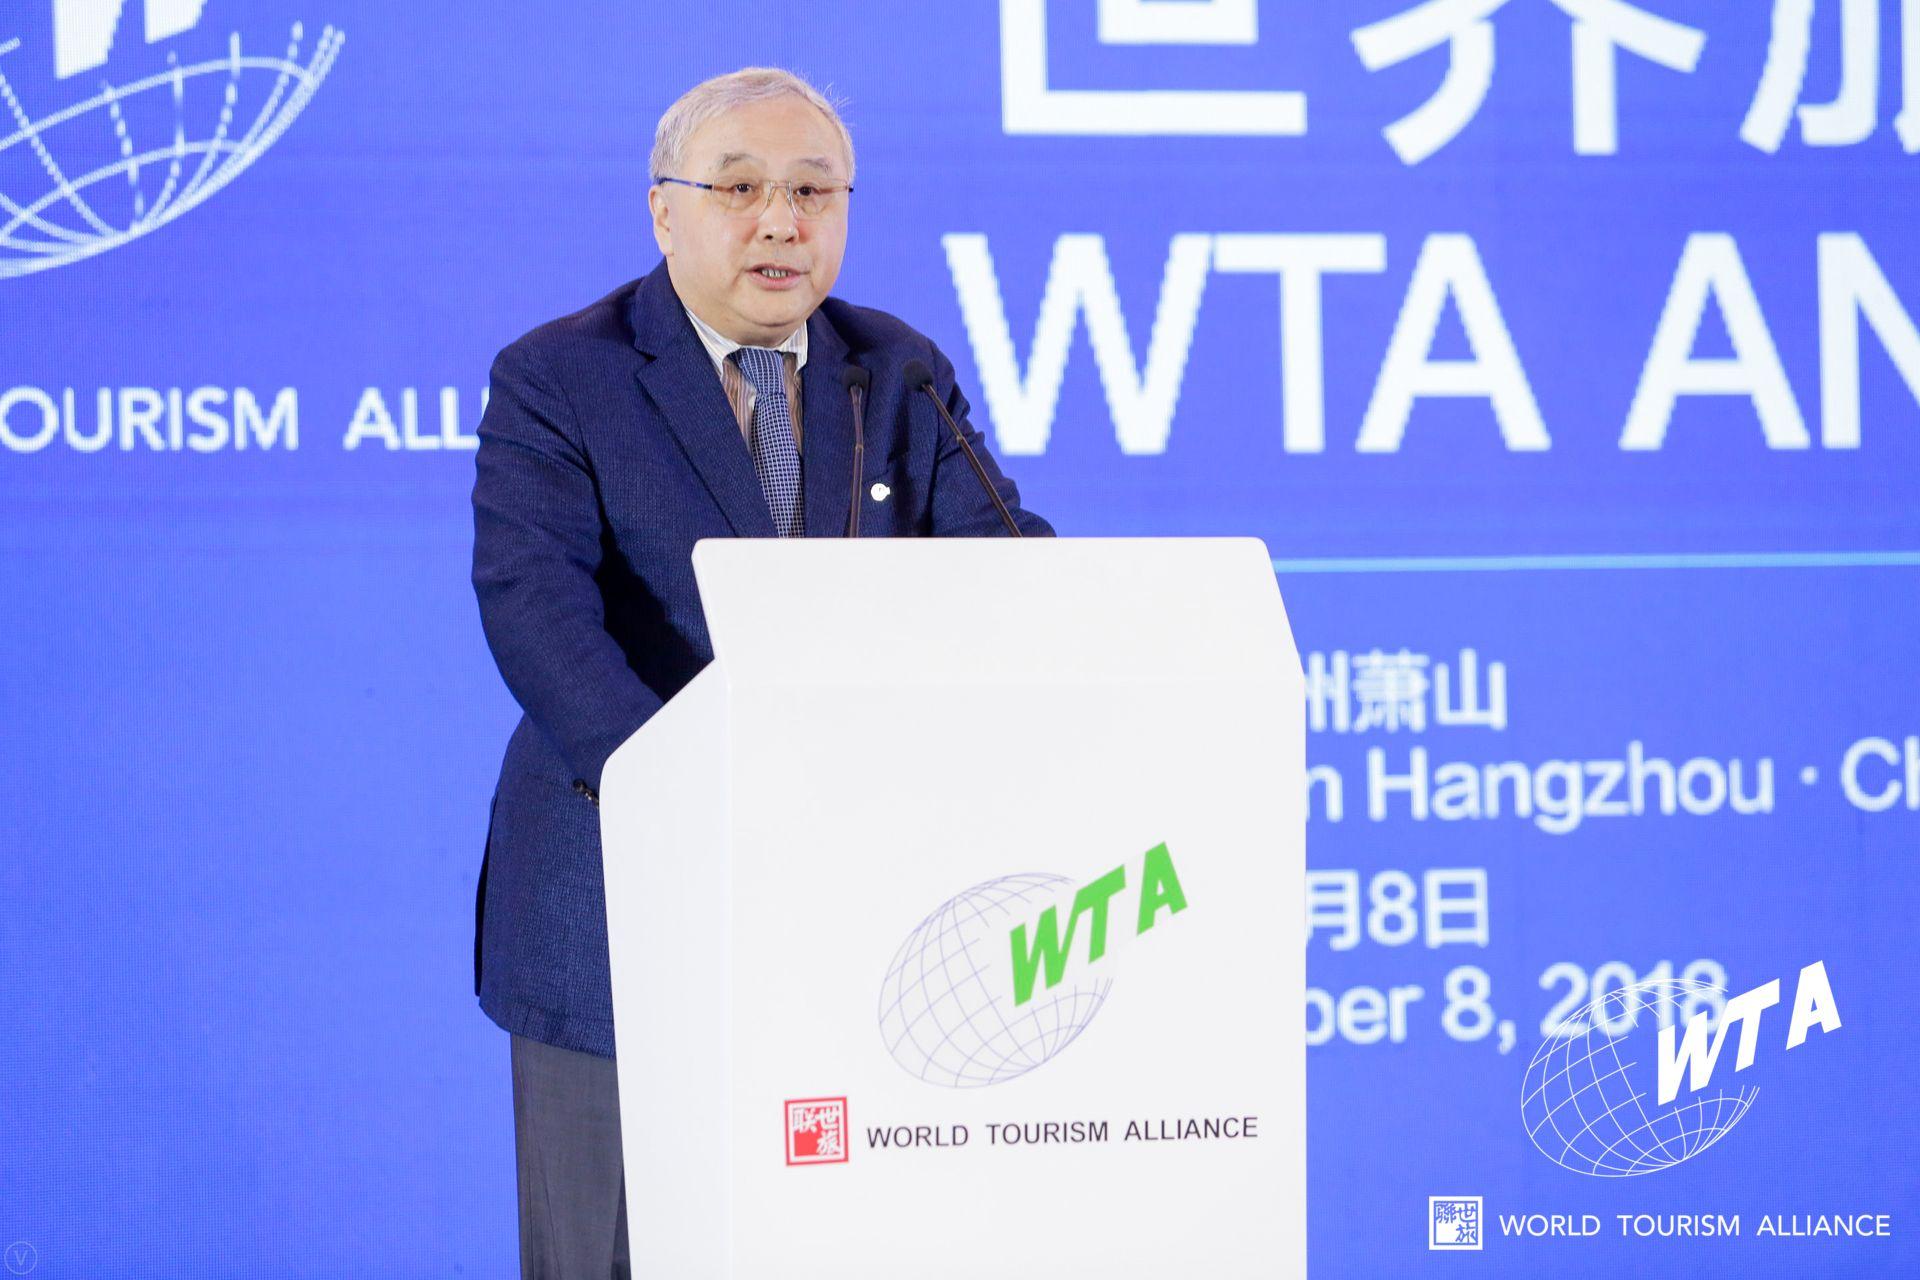 世界旅游联盟年会在杭州举办 成员单位增至165家